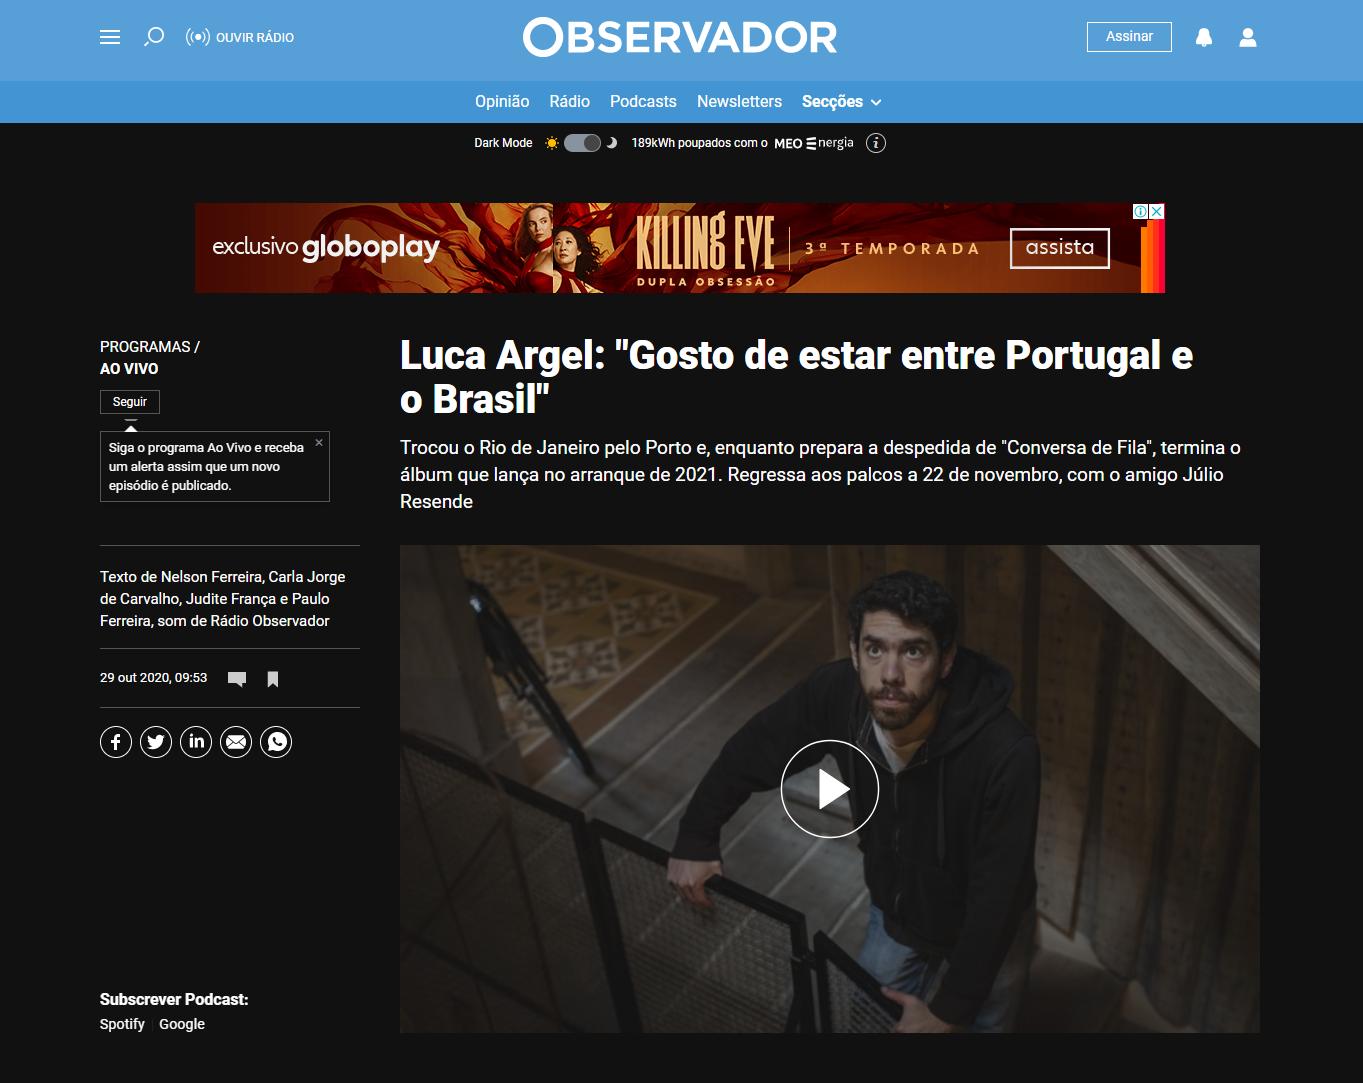 Luca Argel-Observador